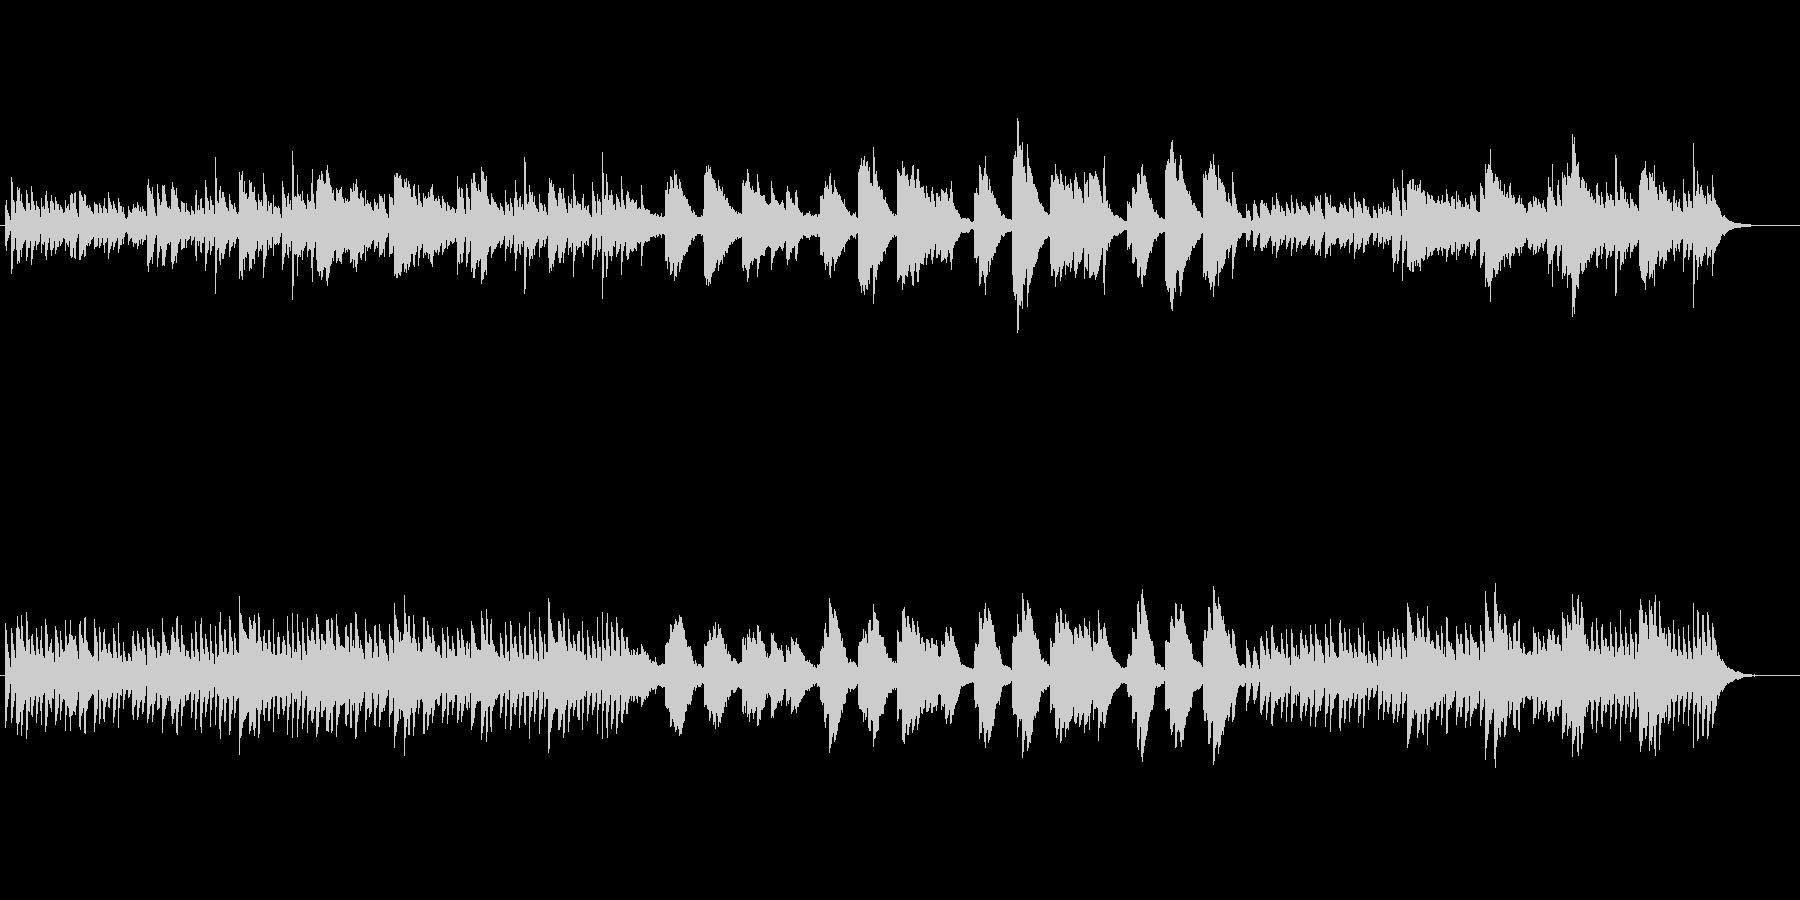 雨をイメージしたピアノBGMの未再生の波形